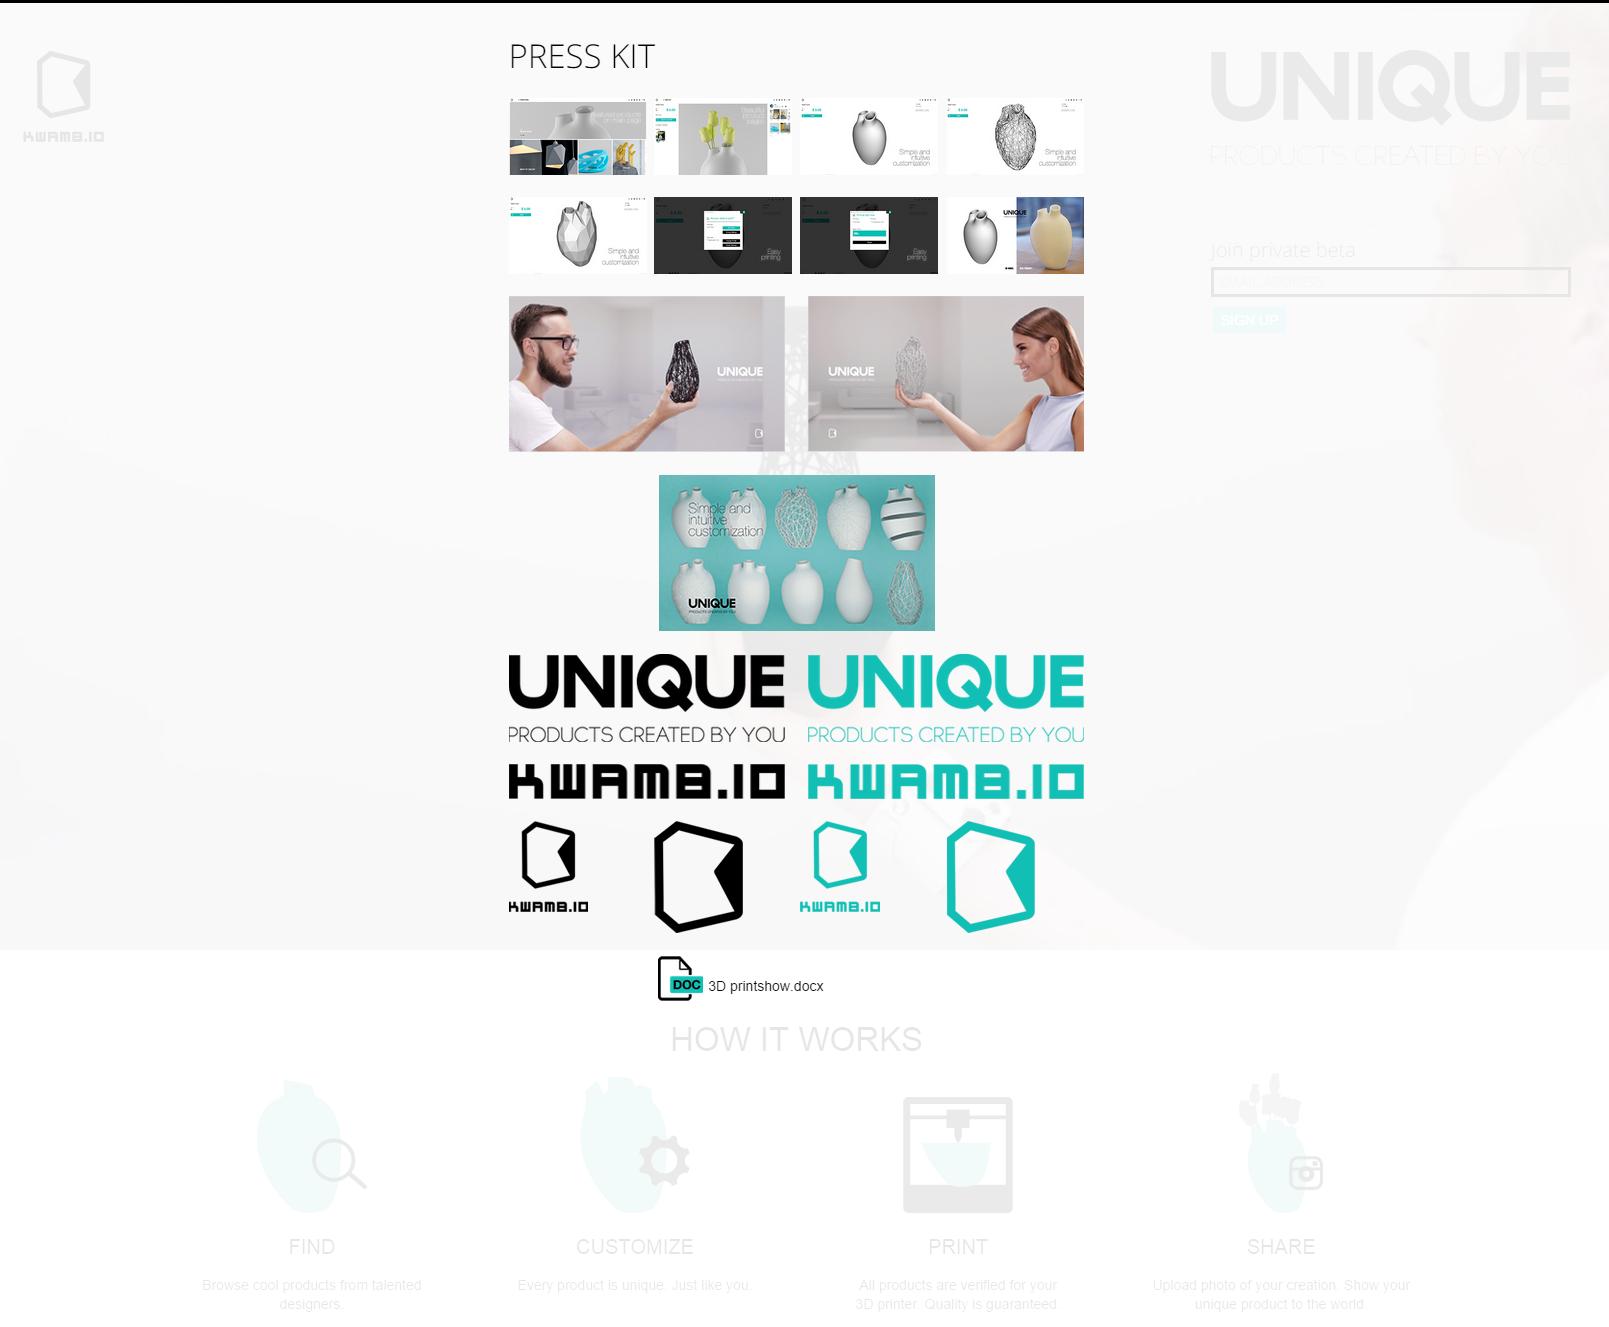 一緒に新しい3Dジュエリーデザイナー(デジタルジュエリー®)の世界 切り開きませんか?